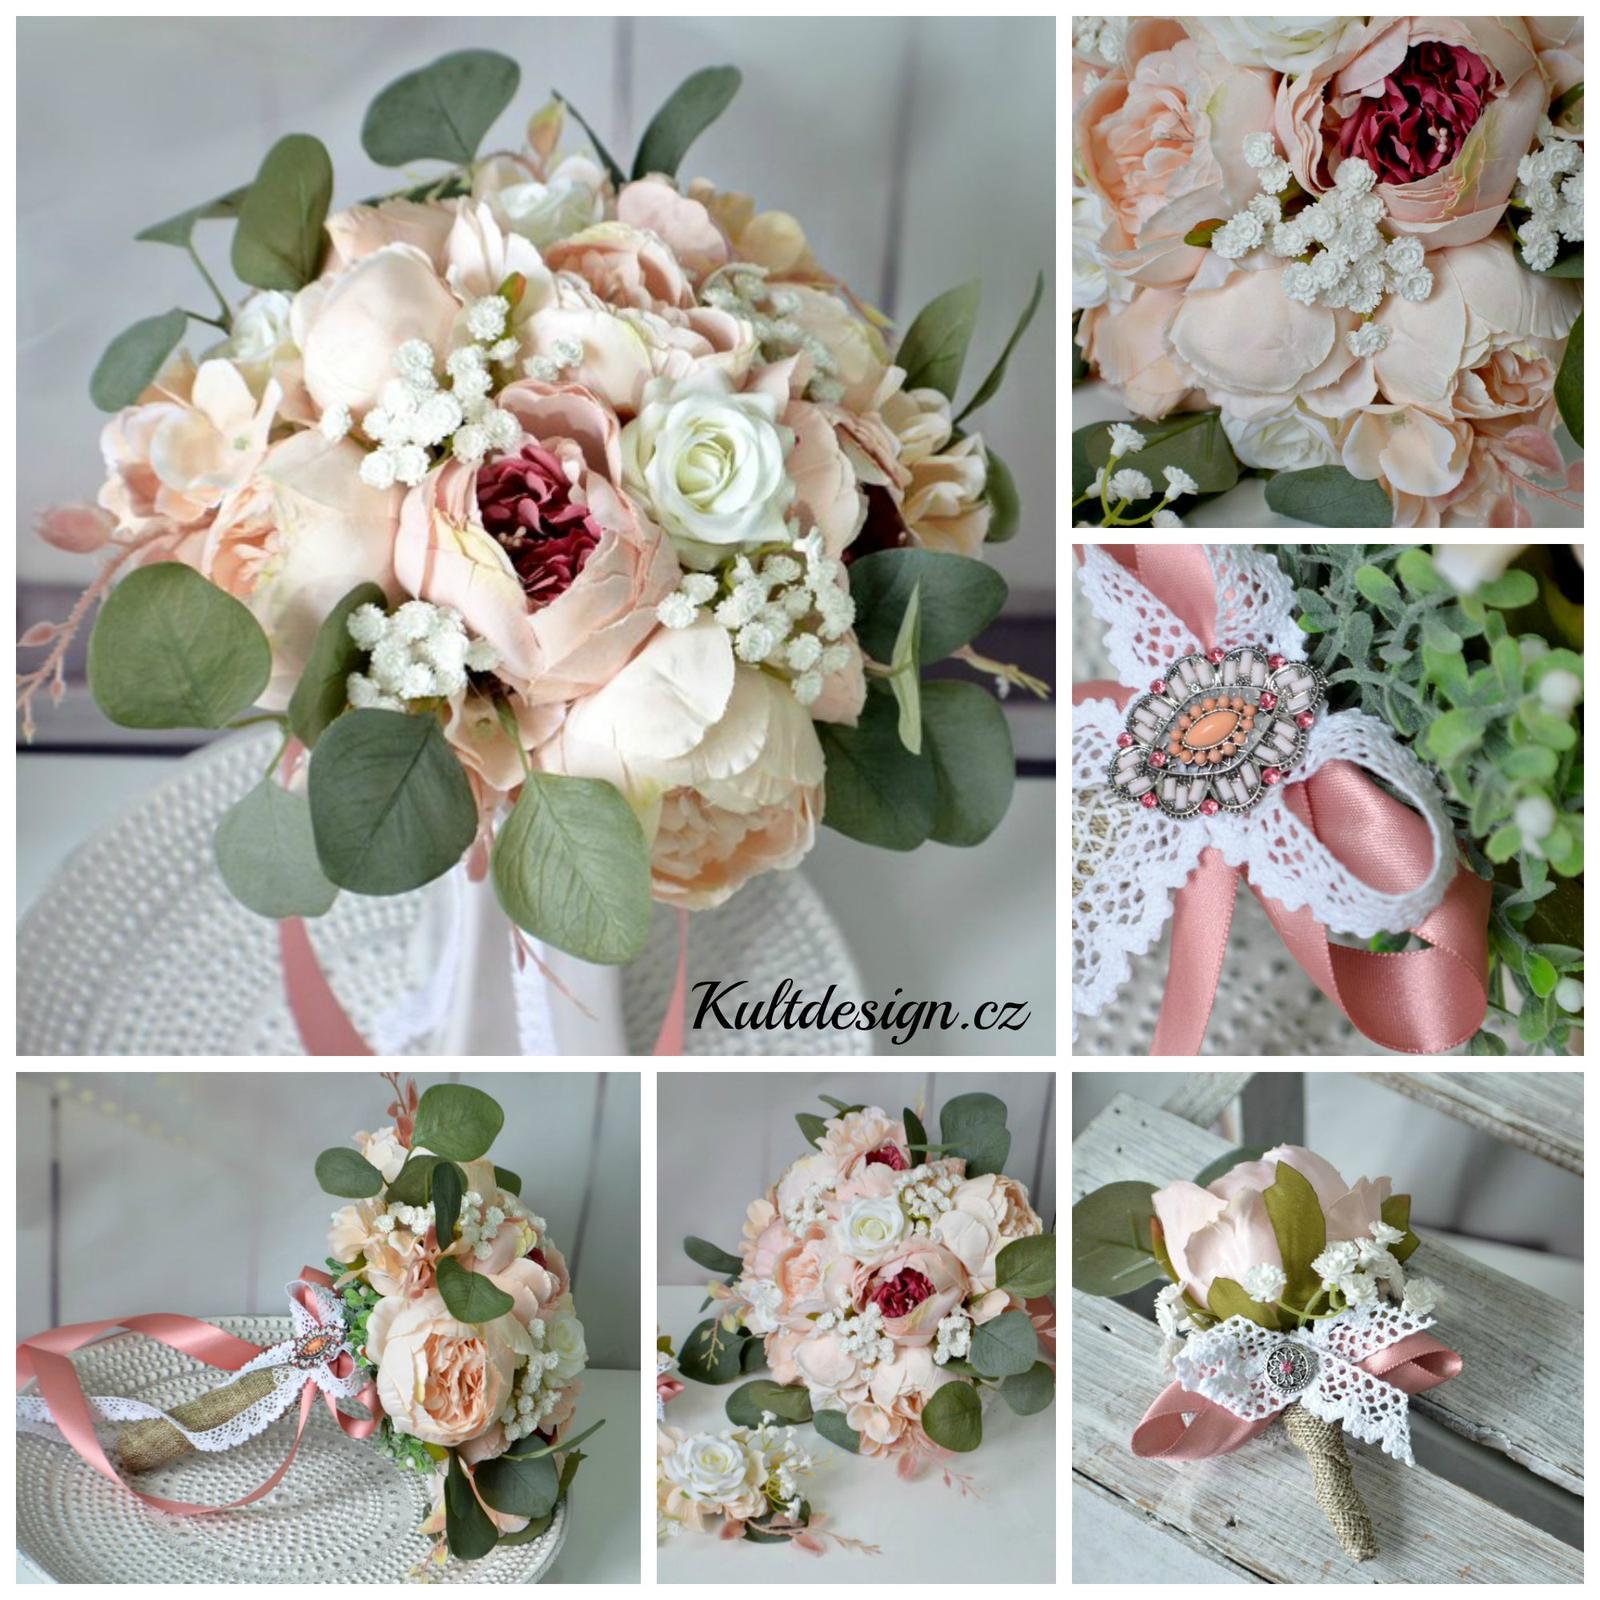 Svatební sety z umělých květin - http://www.kultdesign.cz/666design-cz/eshop/32-1-SVATEBNI-KYTICE